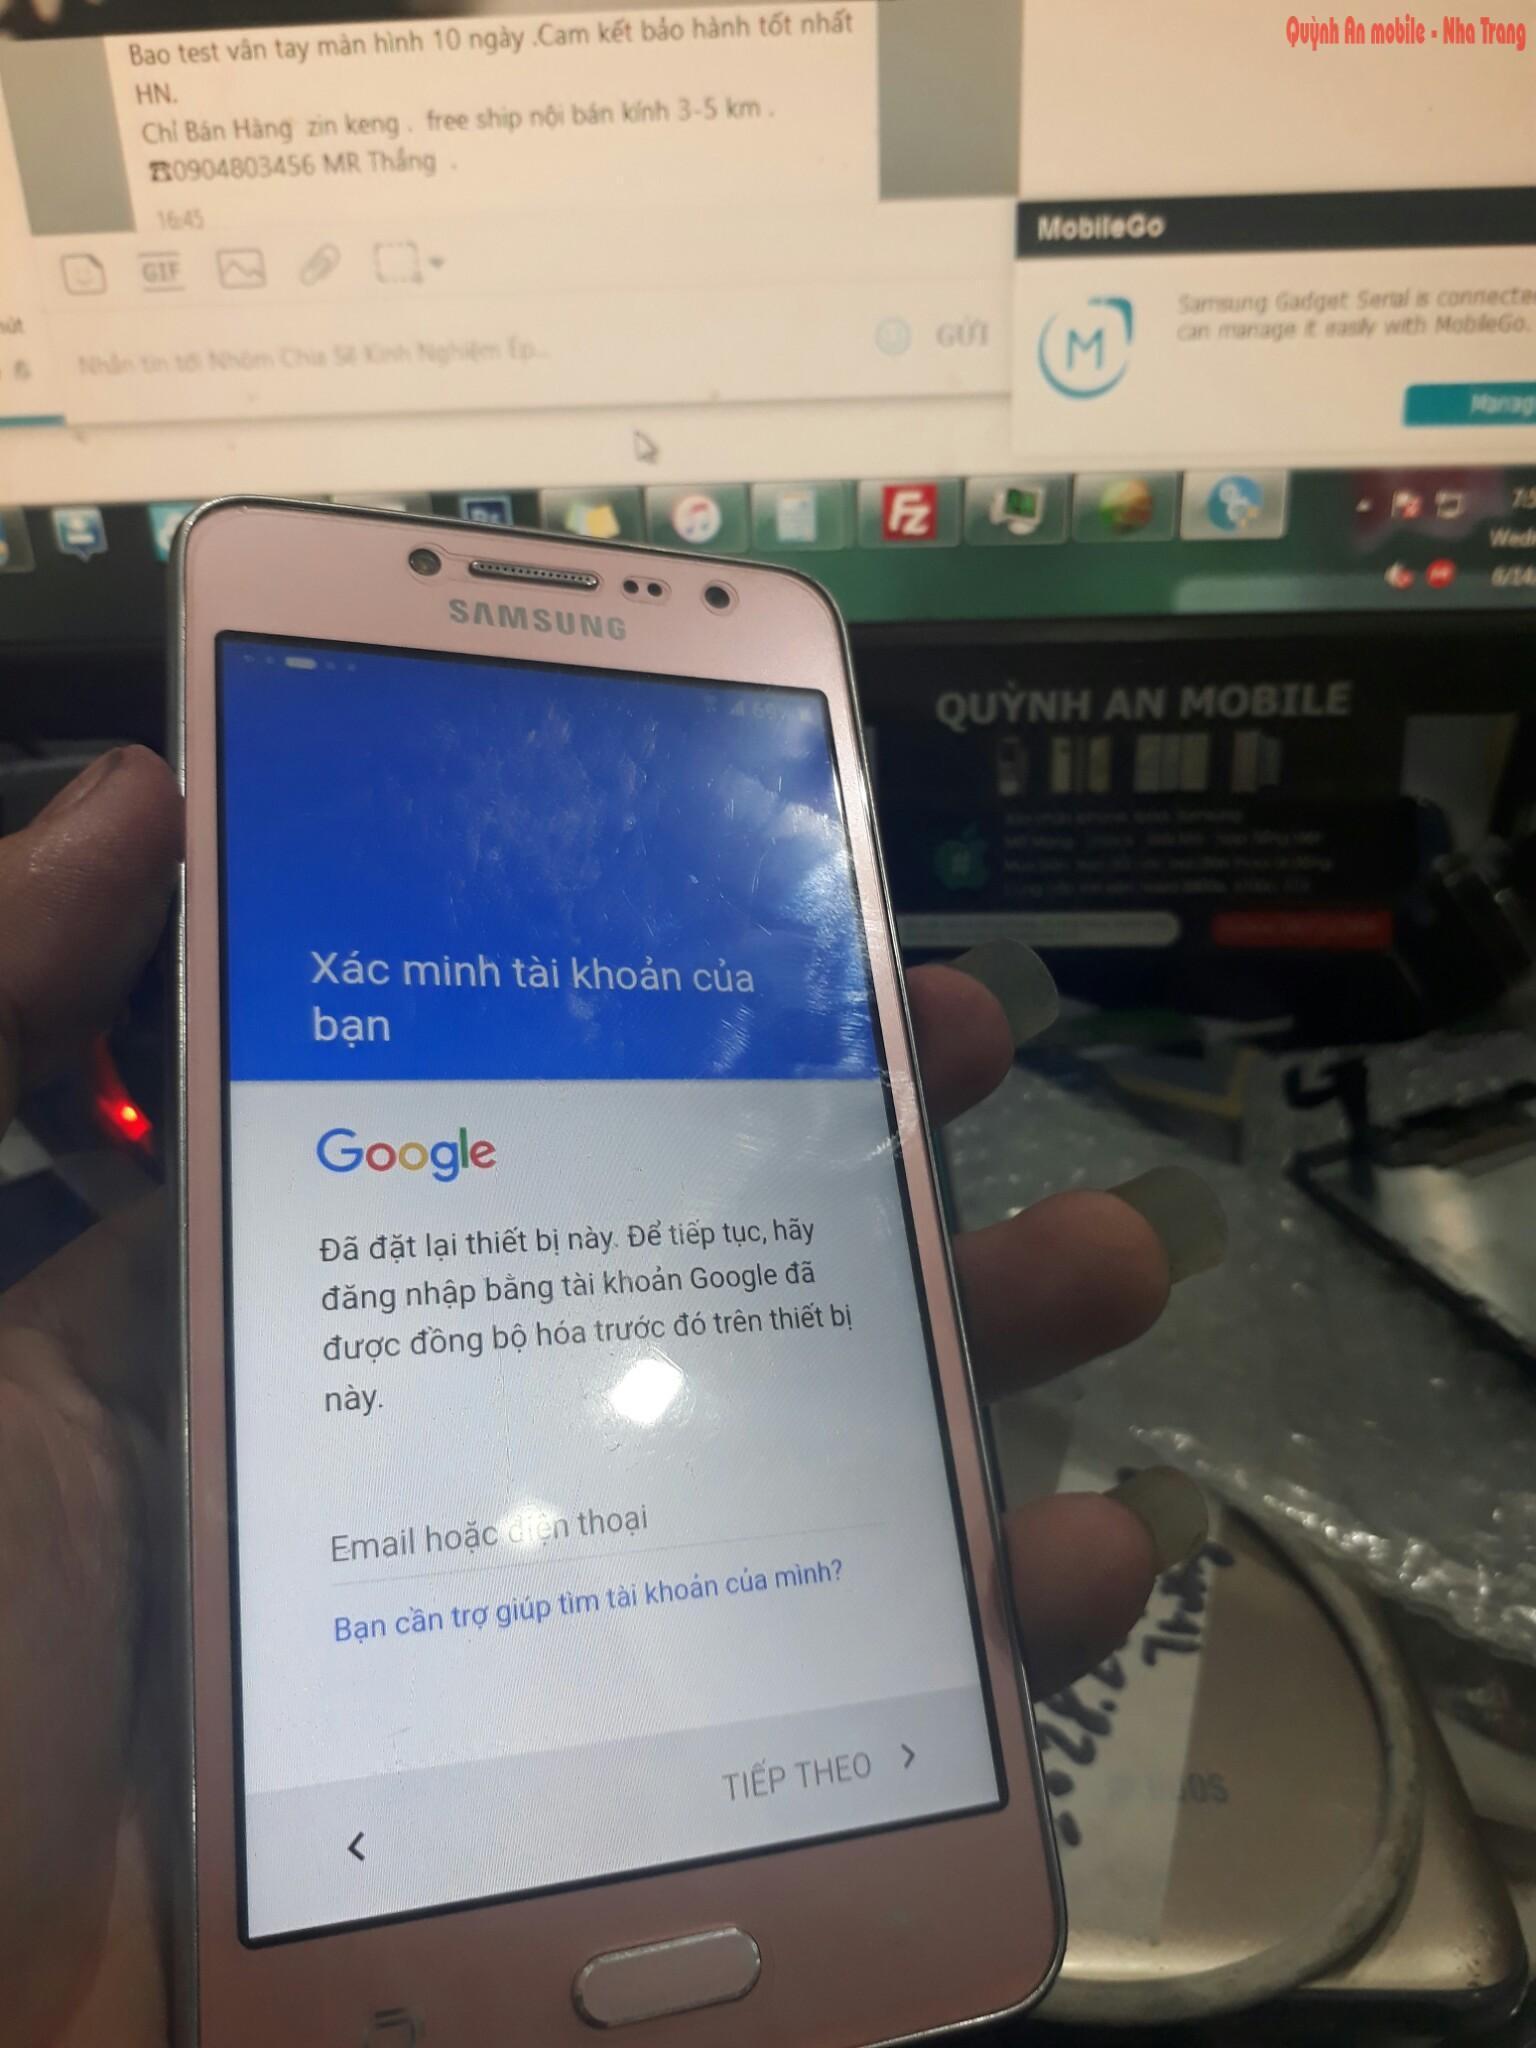 Xóa xác minh tài khỏa google, unlock, mở mạng, nạp tiếng Việt J2 Prime tại Nha Trang lấy ngay